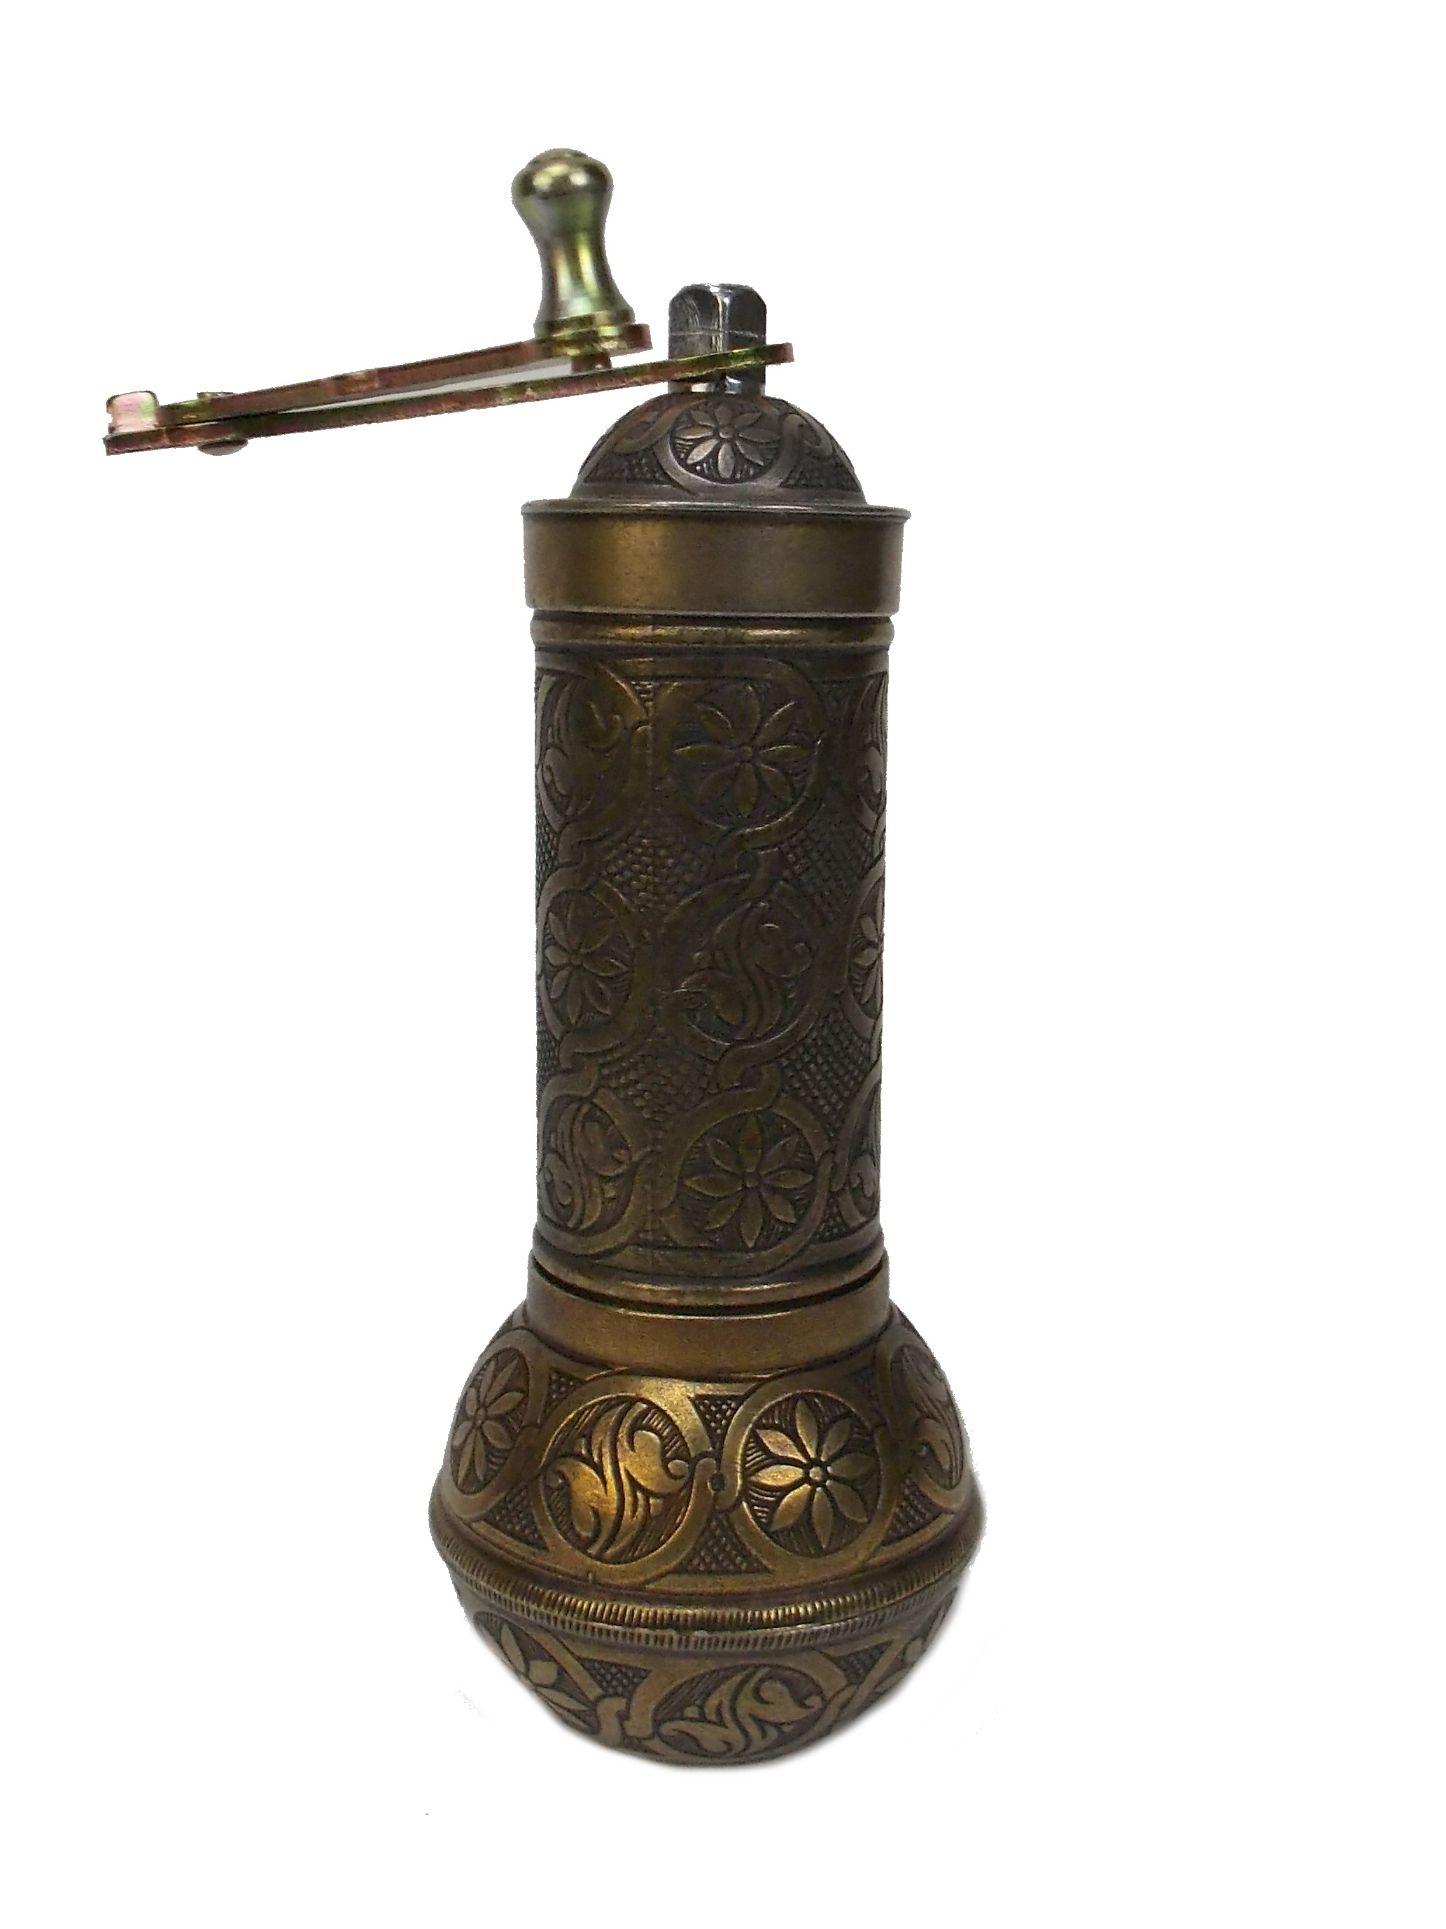 Rasnita manuala pentru cafea - metal, culoare alama antica, 21 cm